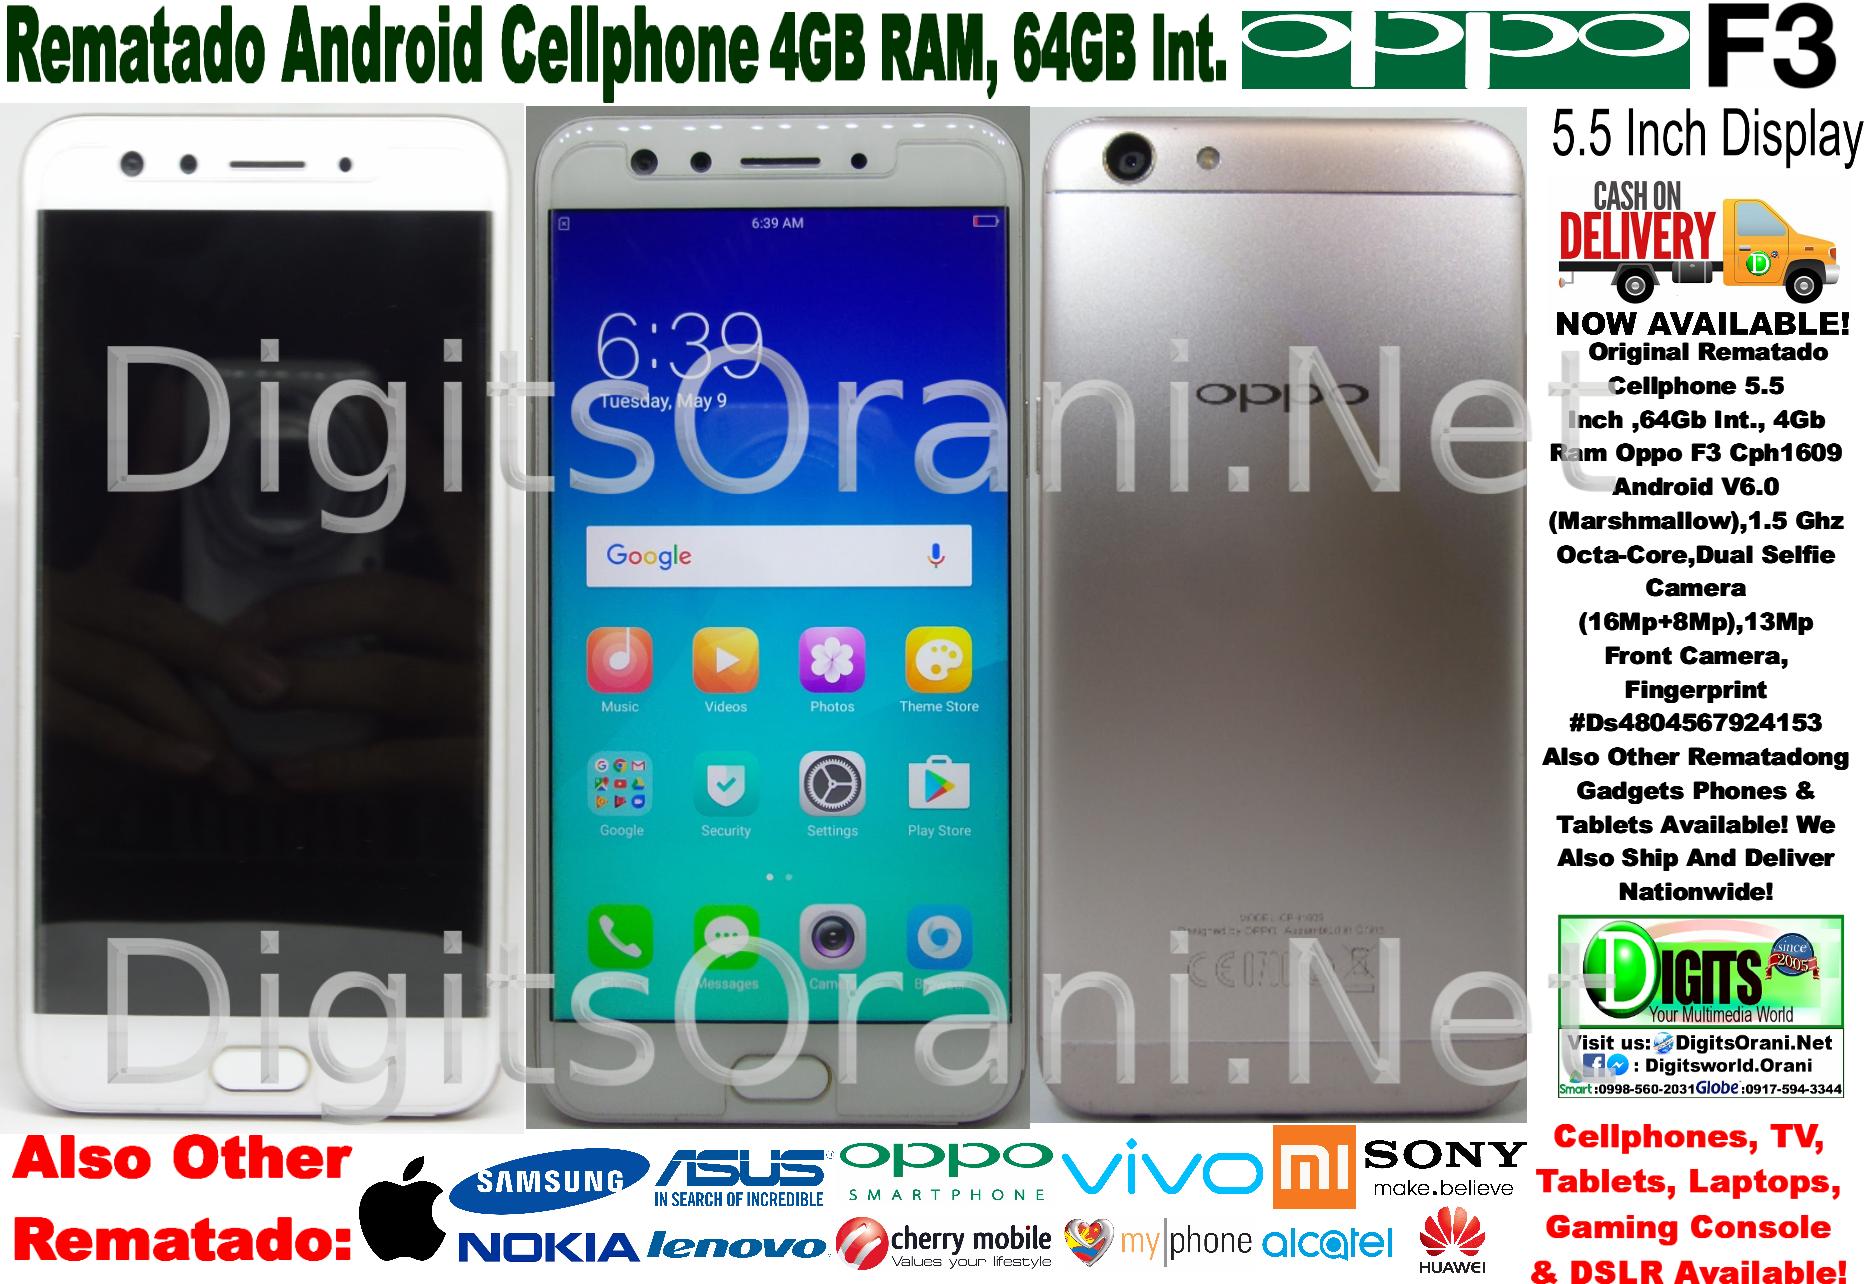 Original Rematado Cellphone 5 5 Inch ,64Gb Int , 4Gb Ram Oppo F3 Cph1609  Android V6 0(Marshmallow),1 5 Ghz Octa-Core,Dual Selfie  Camera(16Mp+8Mp),13Mp